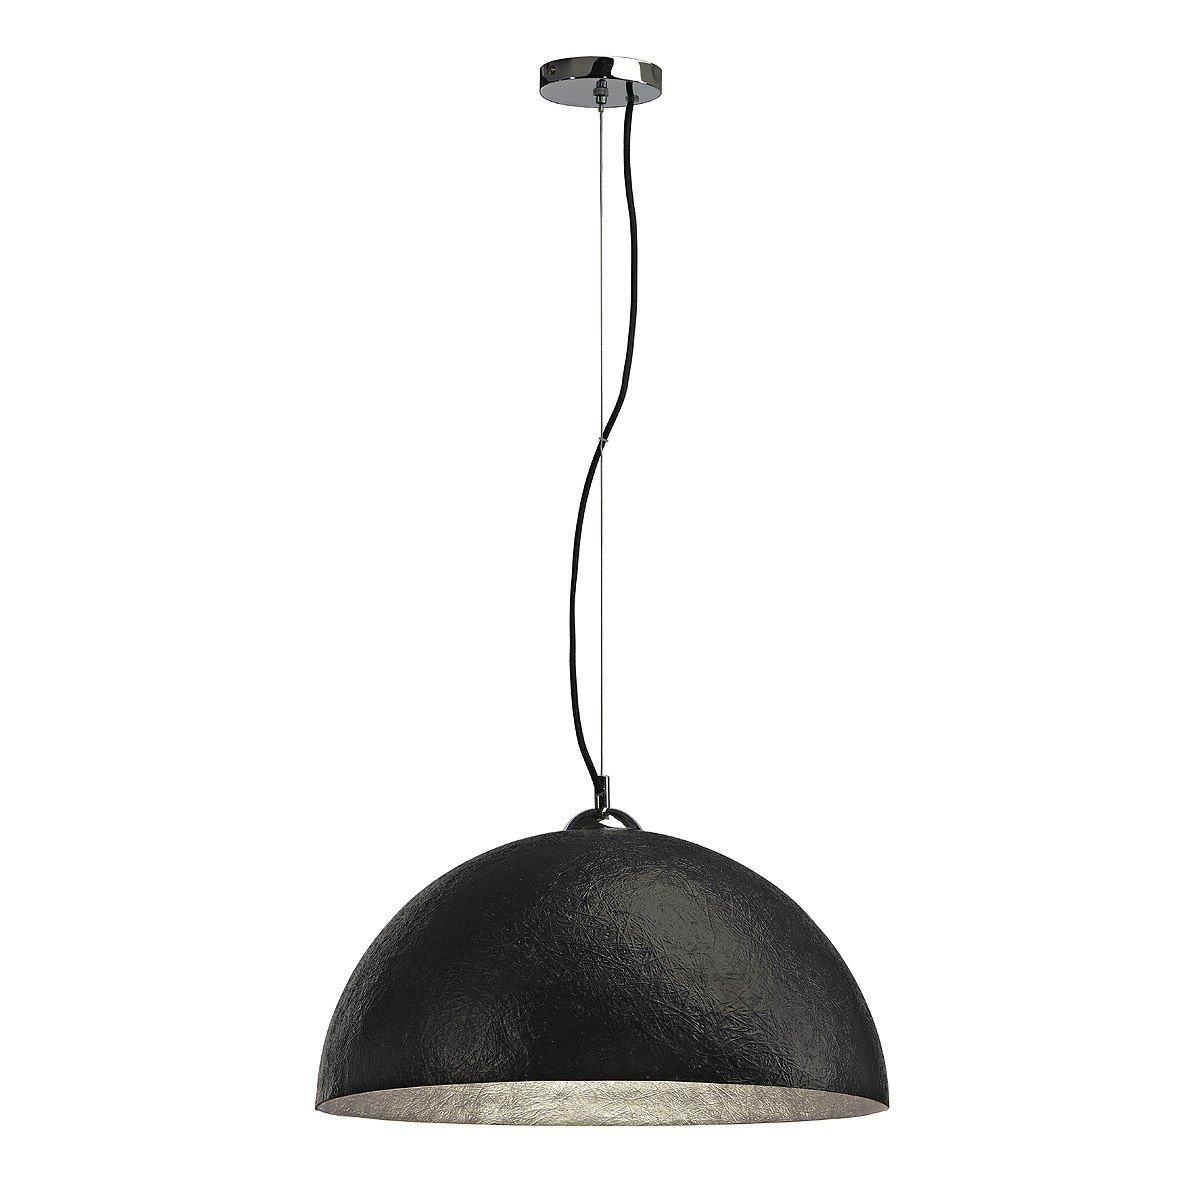 Pendelleuchte Forchini 50 cm schwarz/silber